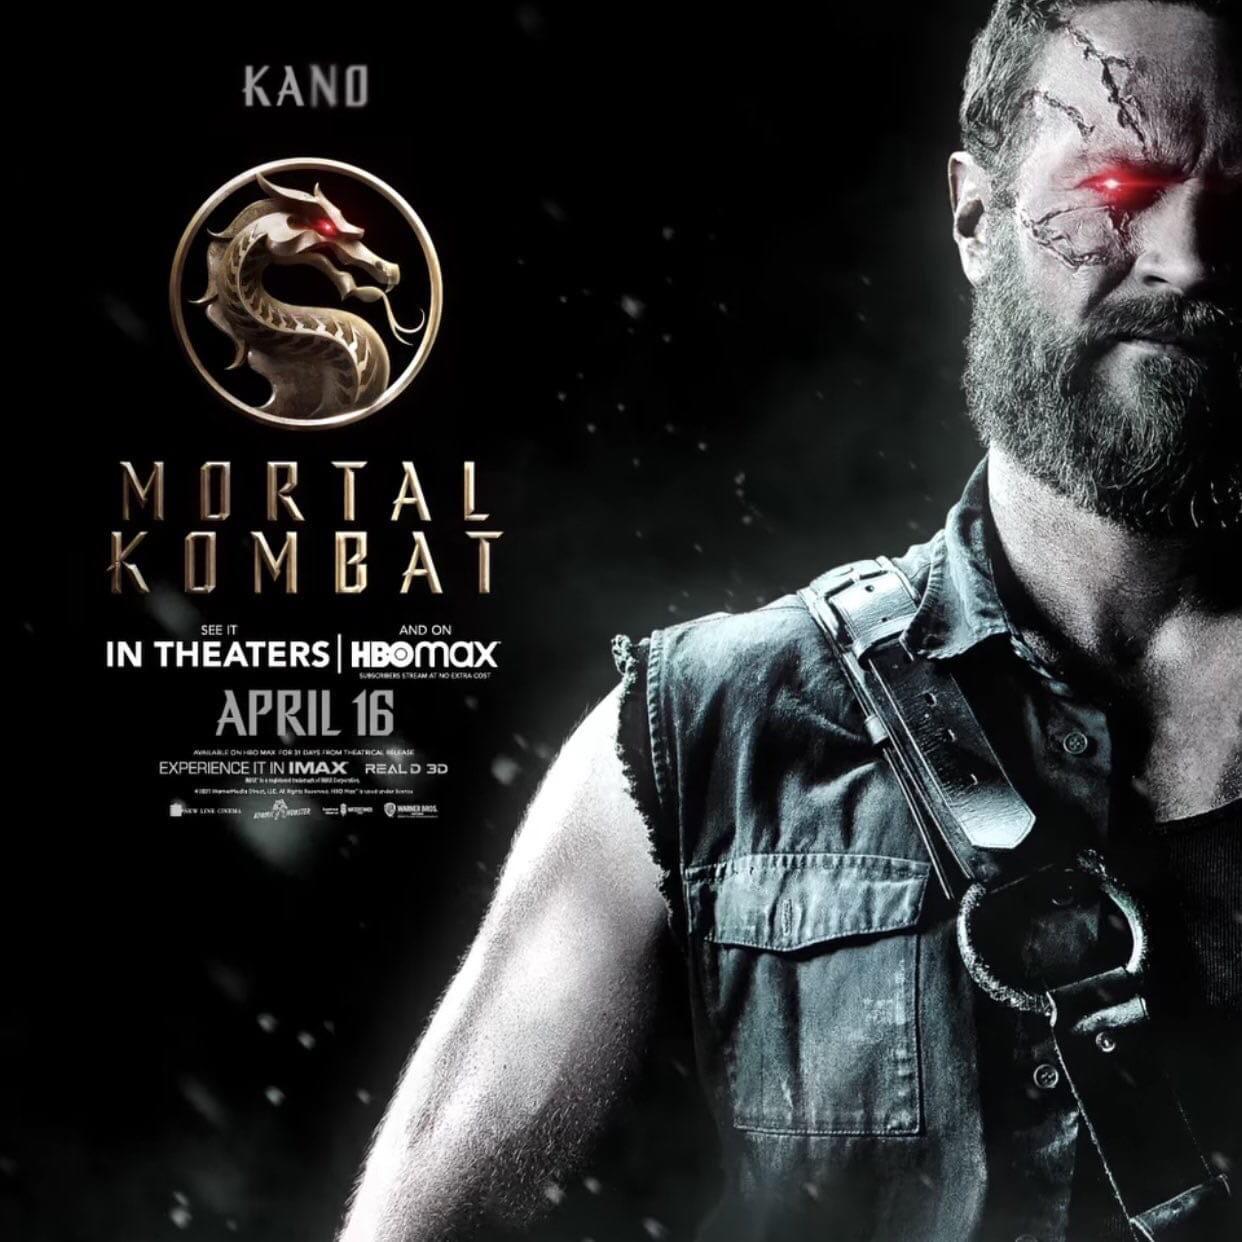 Первый трейлер фильма Mortal Kombat выйдет завтра. Новые постеры